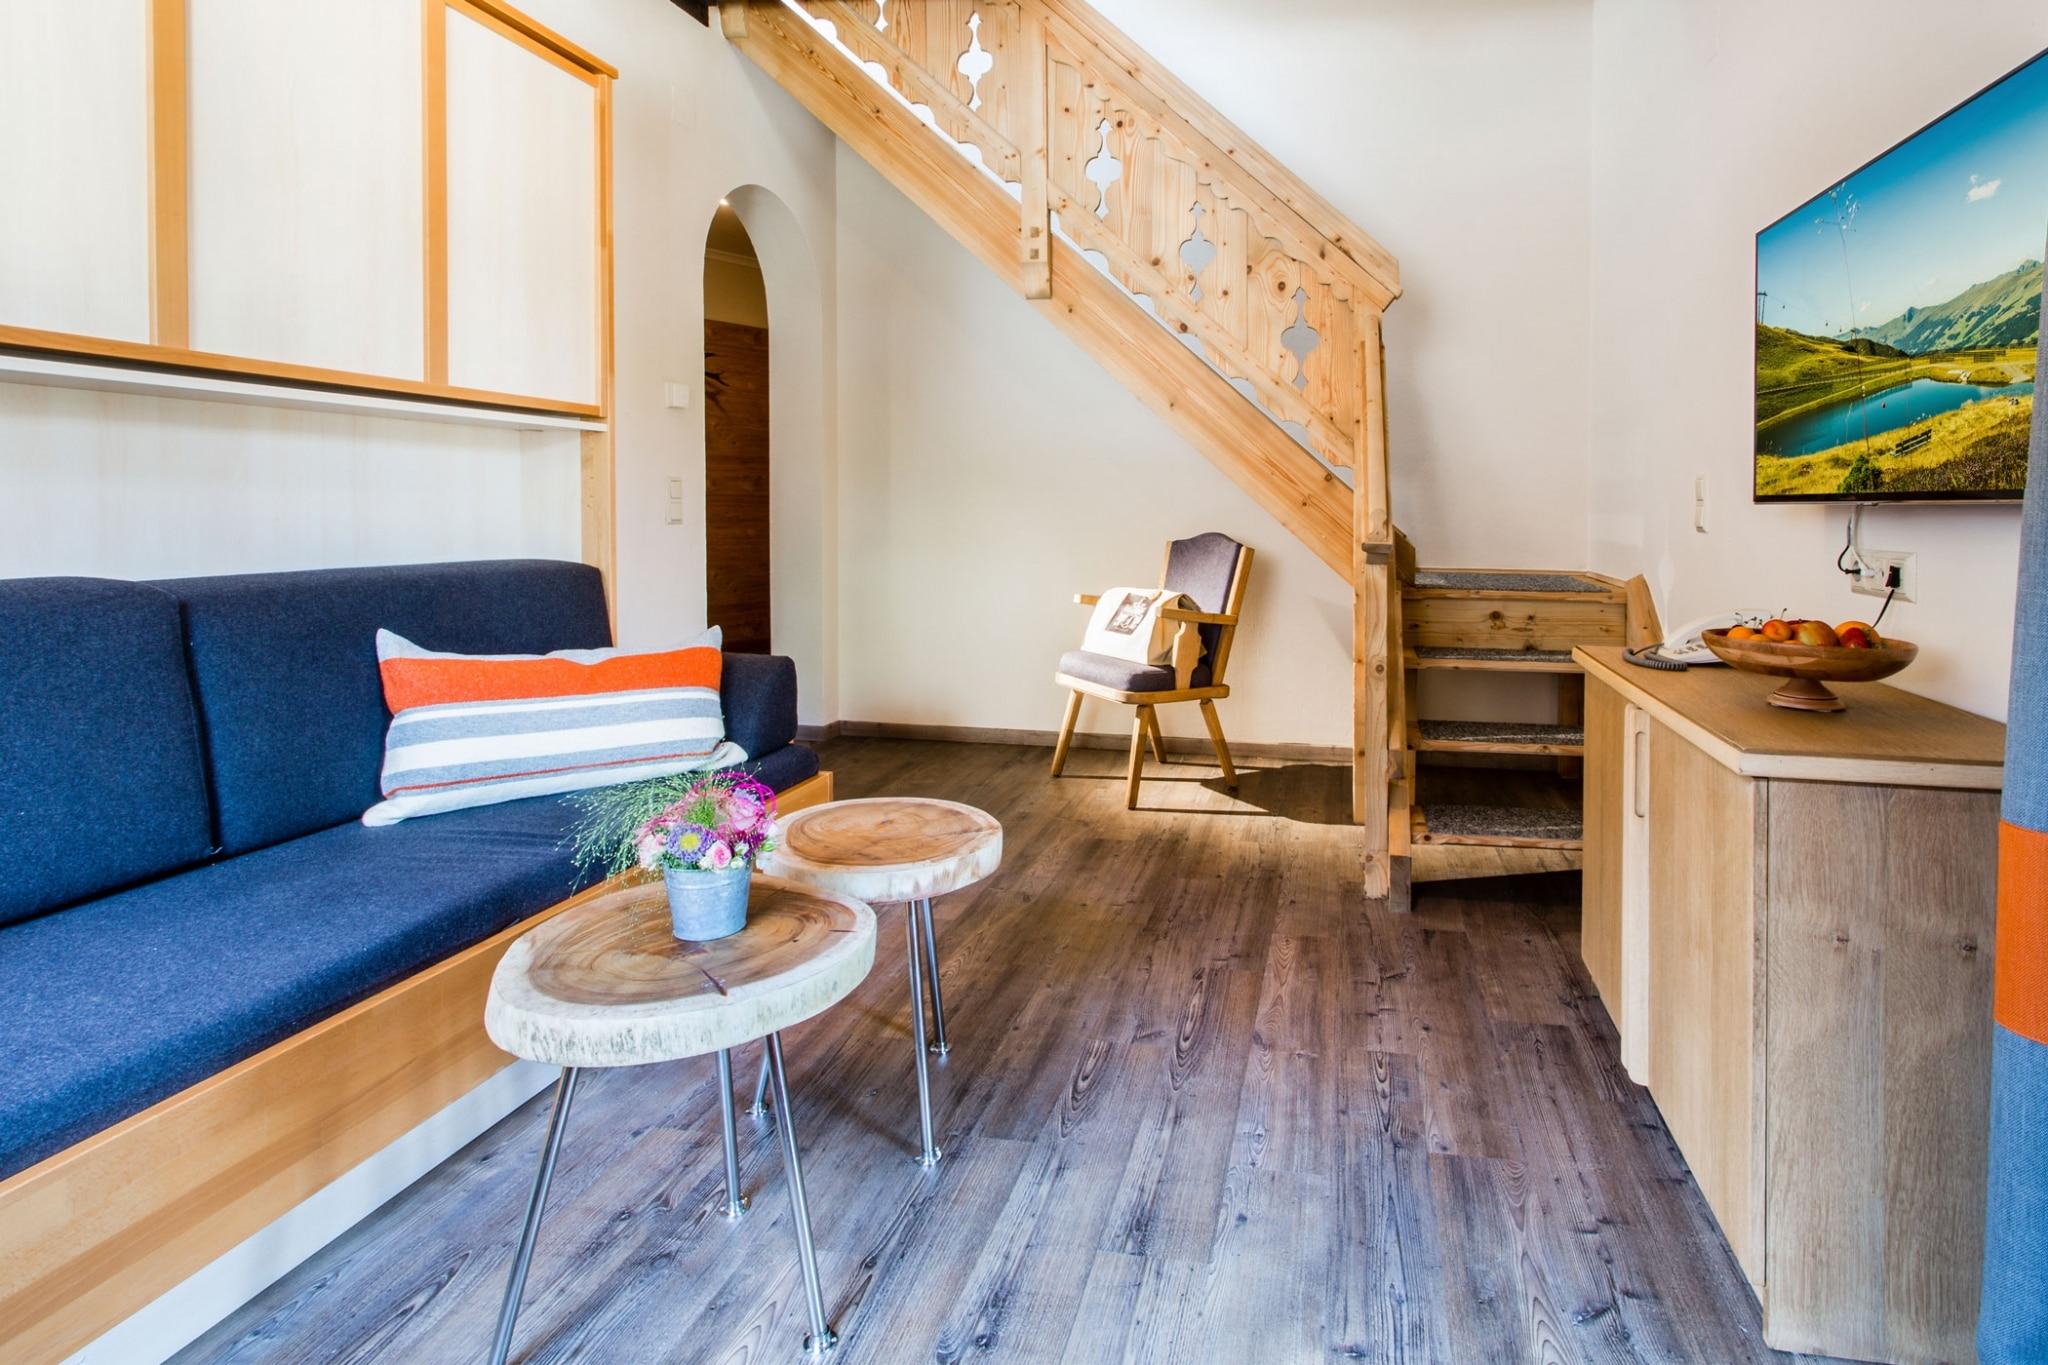 Wohnzimmer mit Stiege